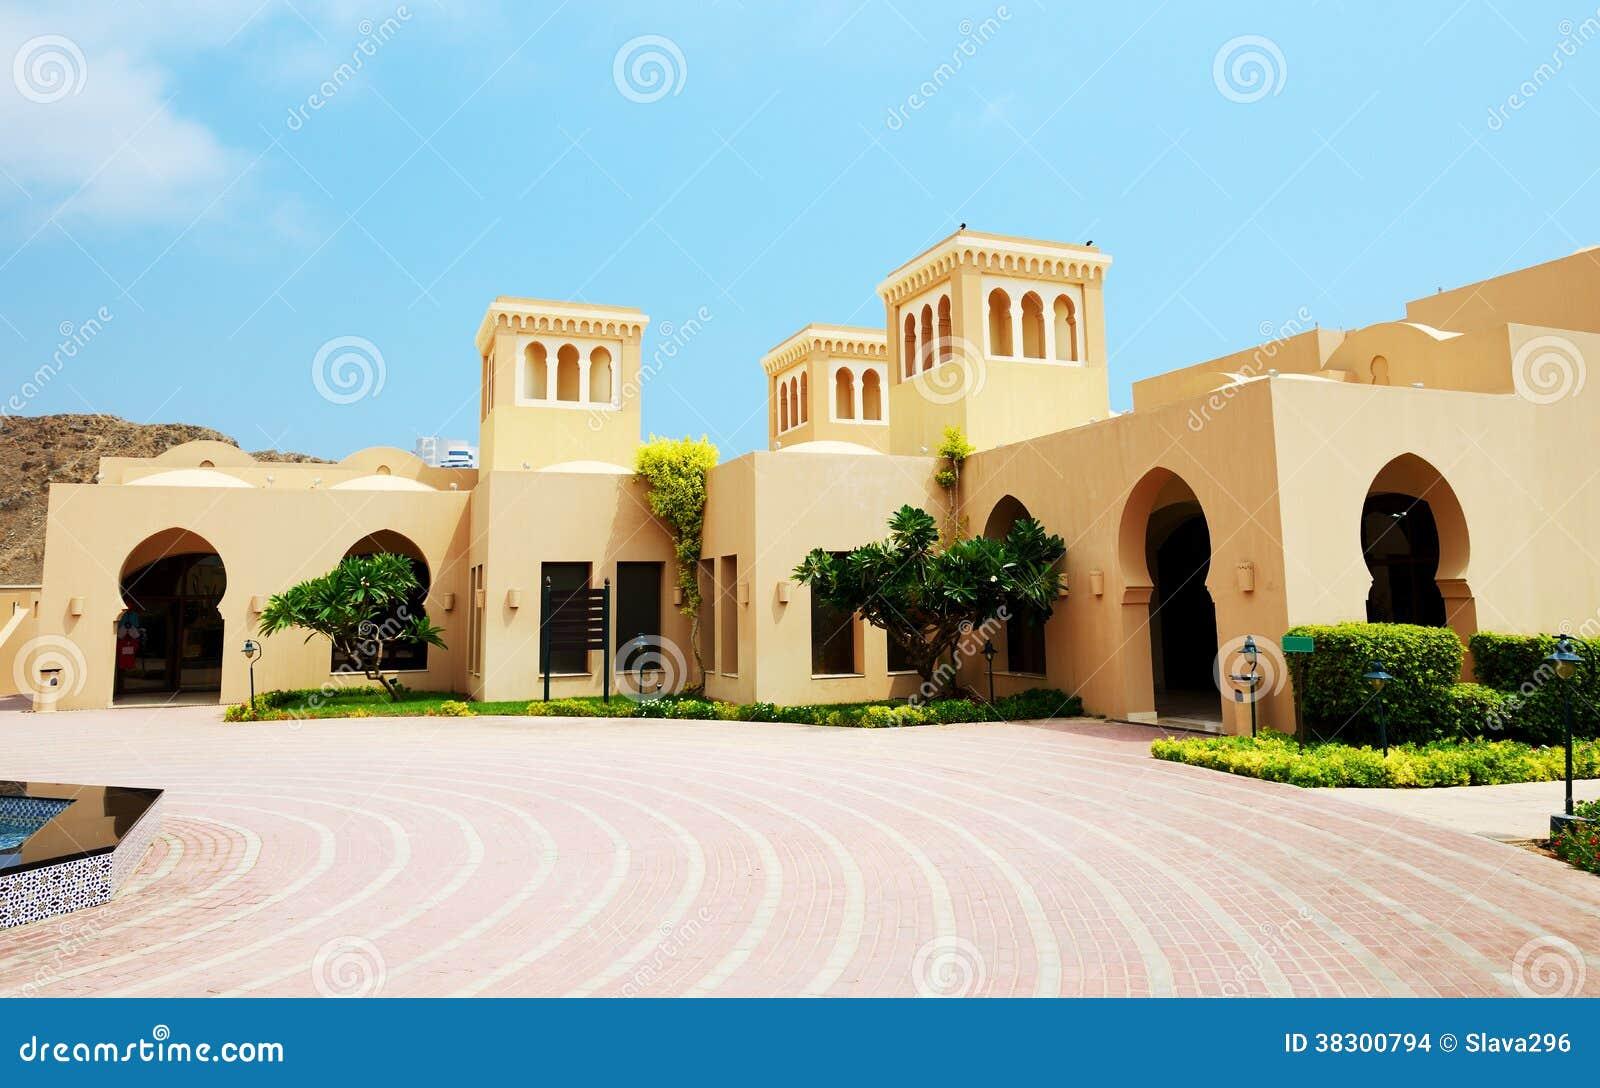 Le ville arabe di stile in albergo di lusso immagini stock for Disegni di ville